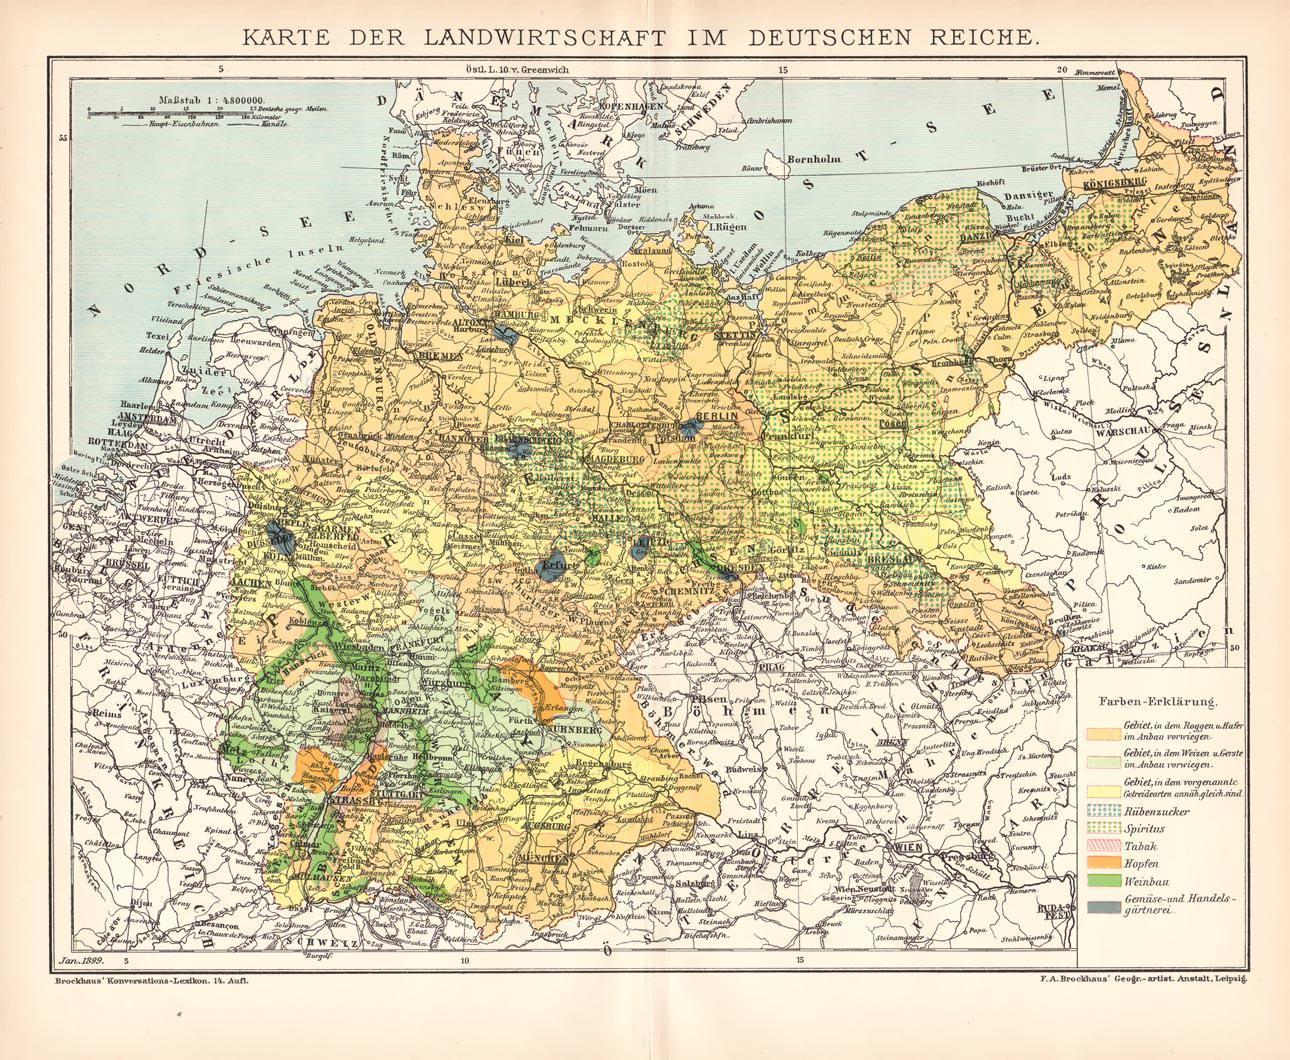 Deutsches Reich Karte.Historische Landkarte Landwirtschaft